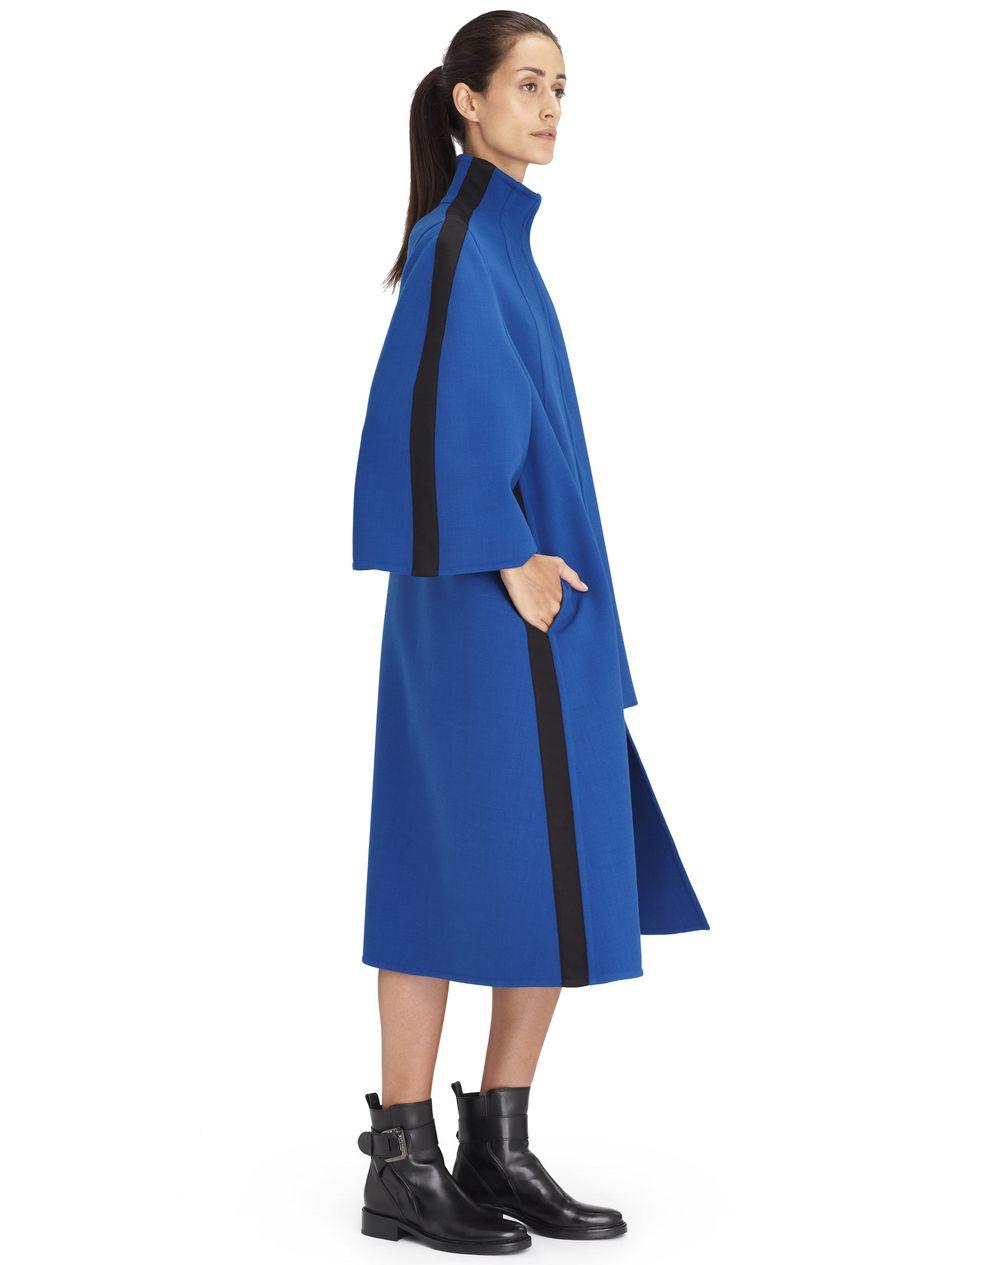 Manteau long en laine stretch de couleur indigo,Lanvin – Prix € 2 990